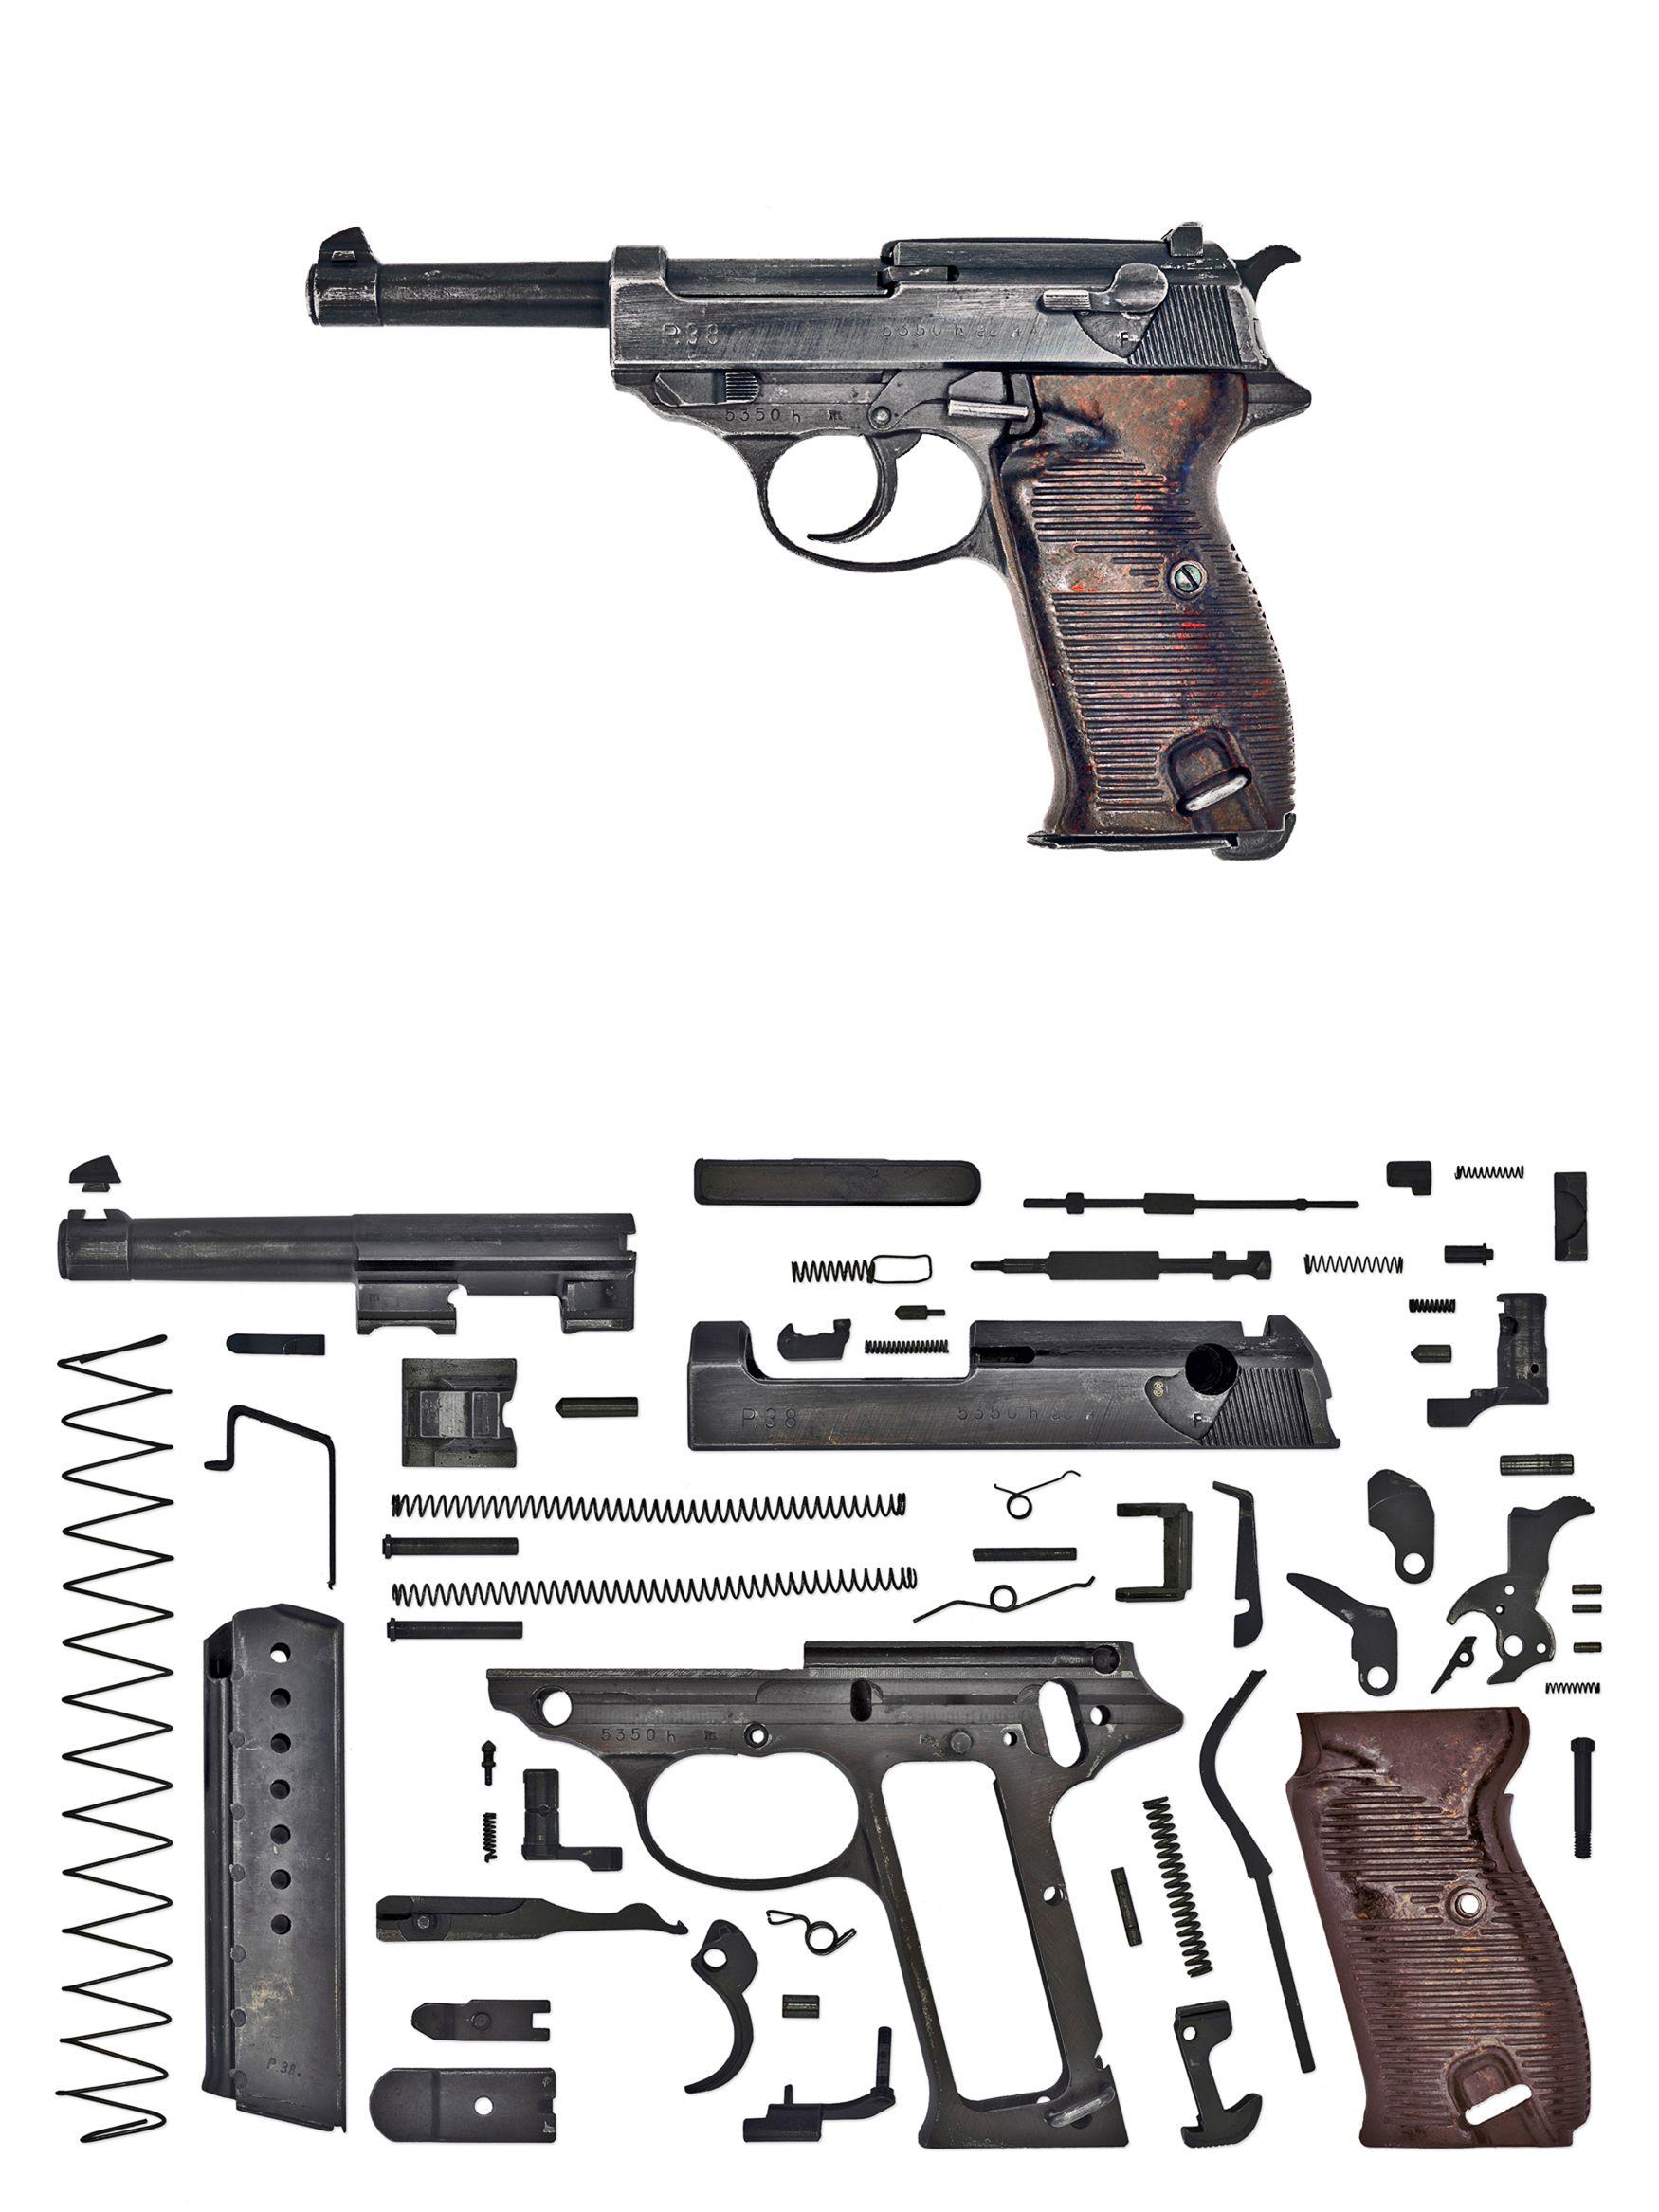 WWII Anatomy Project: Pistols (First Batch) | Pinterest | Anatomy ...